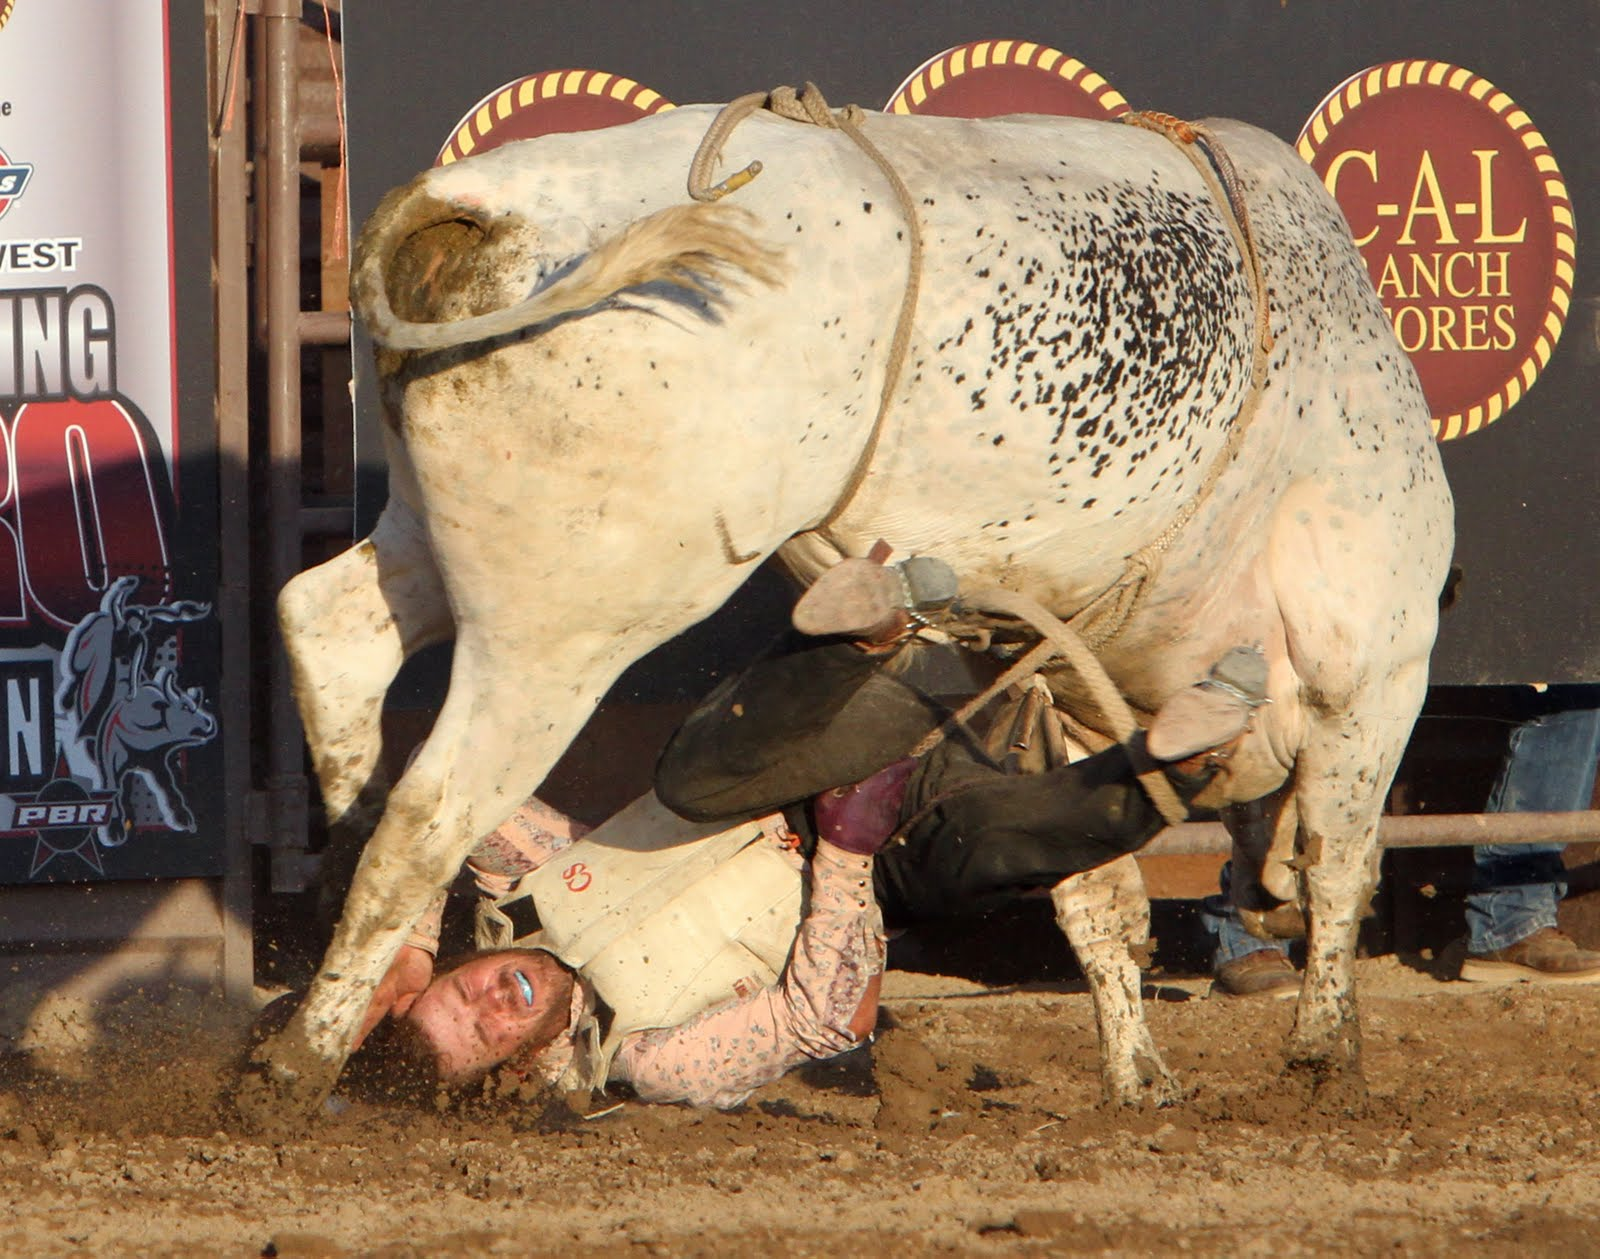 http://netmoser.blogspot.com/2010/07/pbr-bull-riding.html netmoser.blogspot.